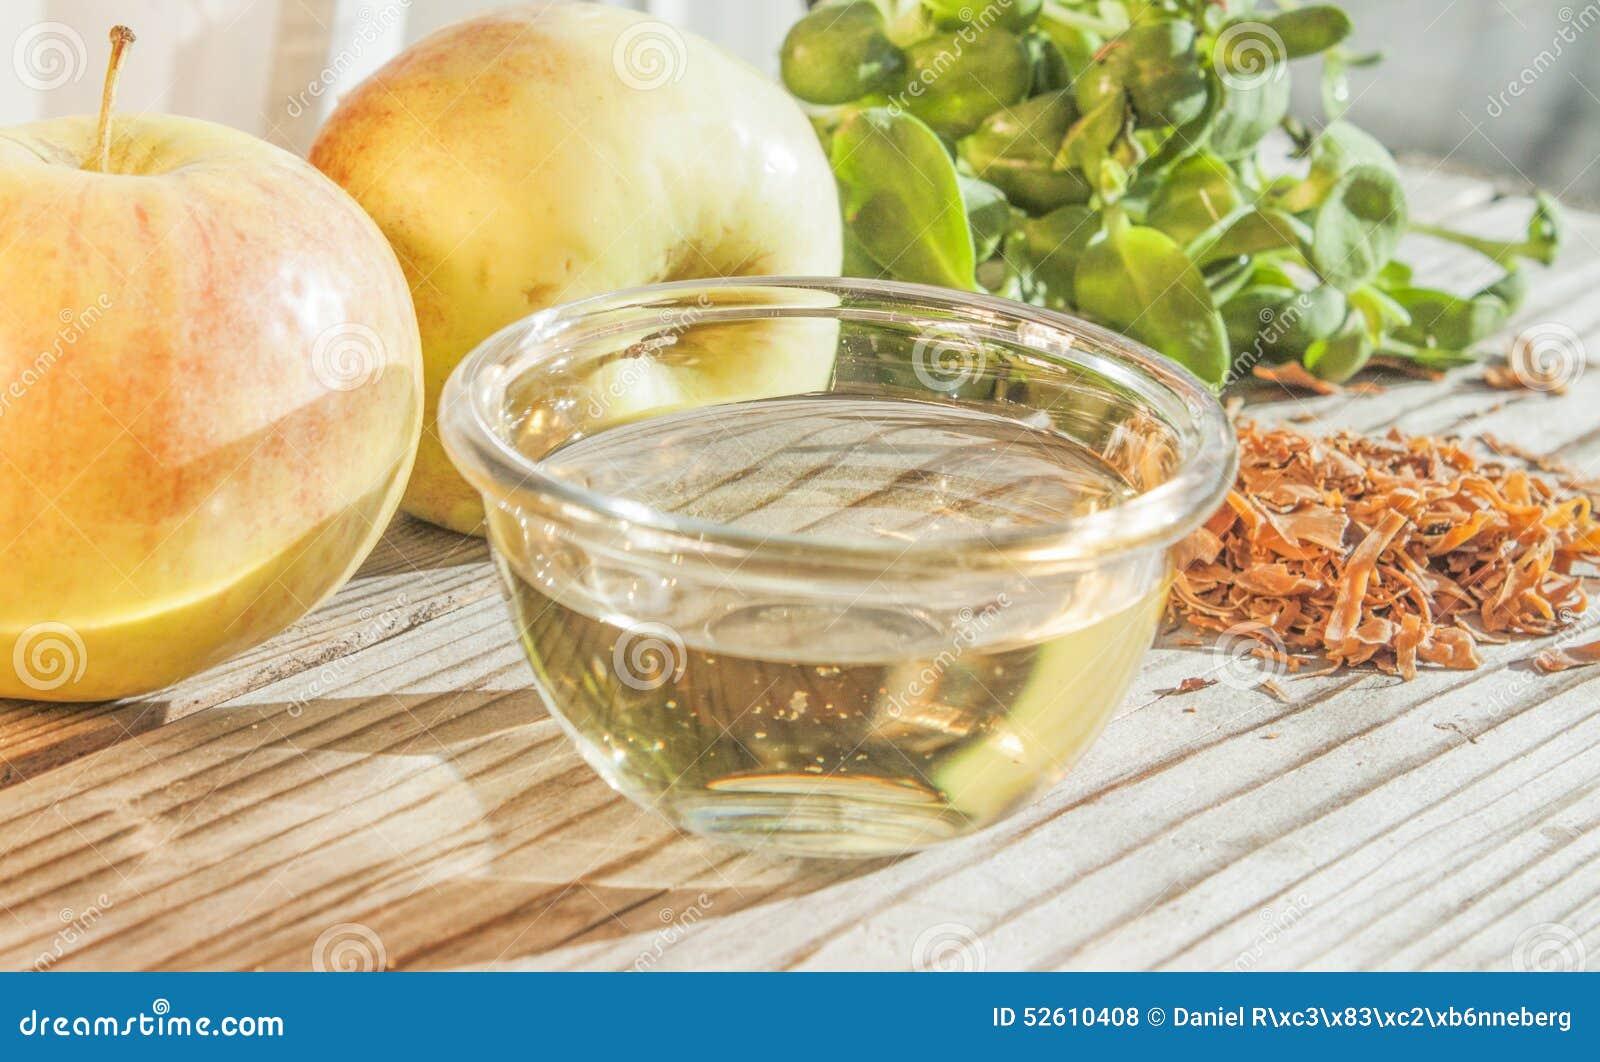 Ктонибудь похудел с помощью яблочного уксуса